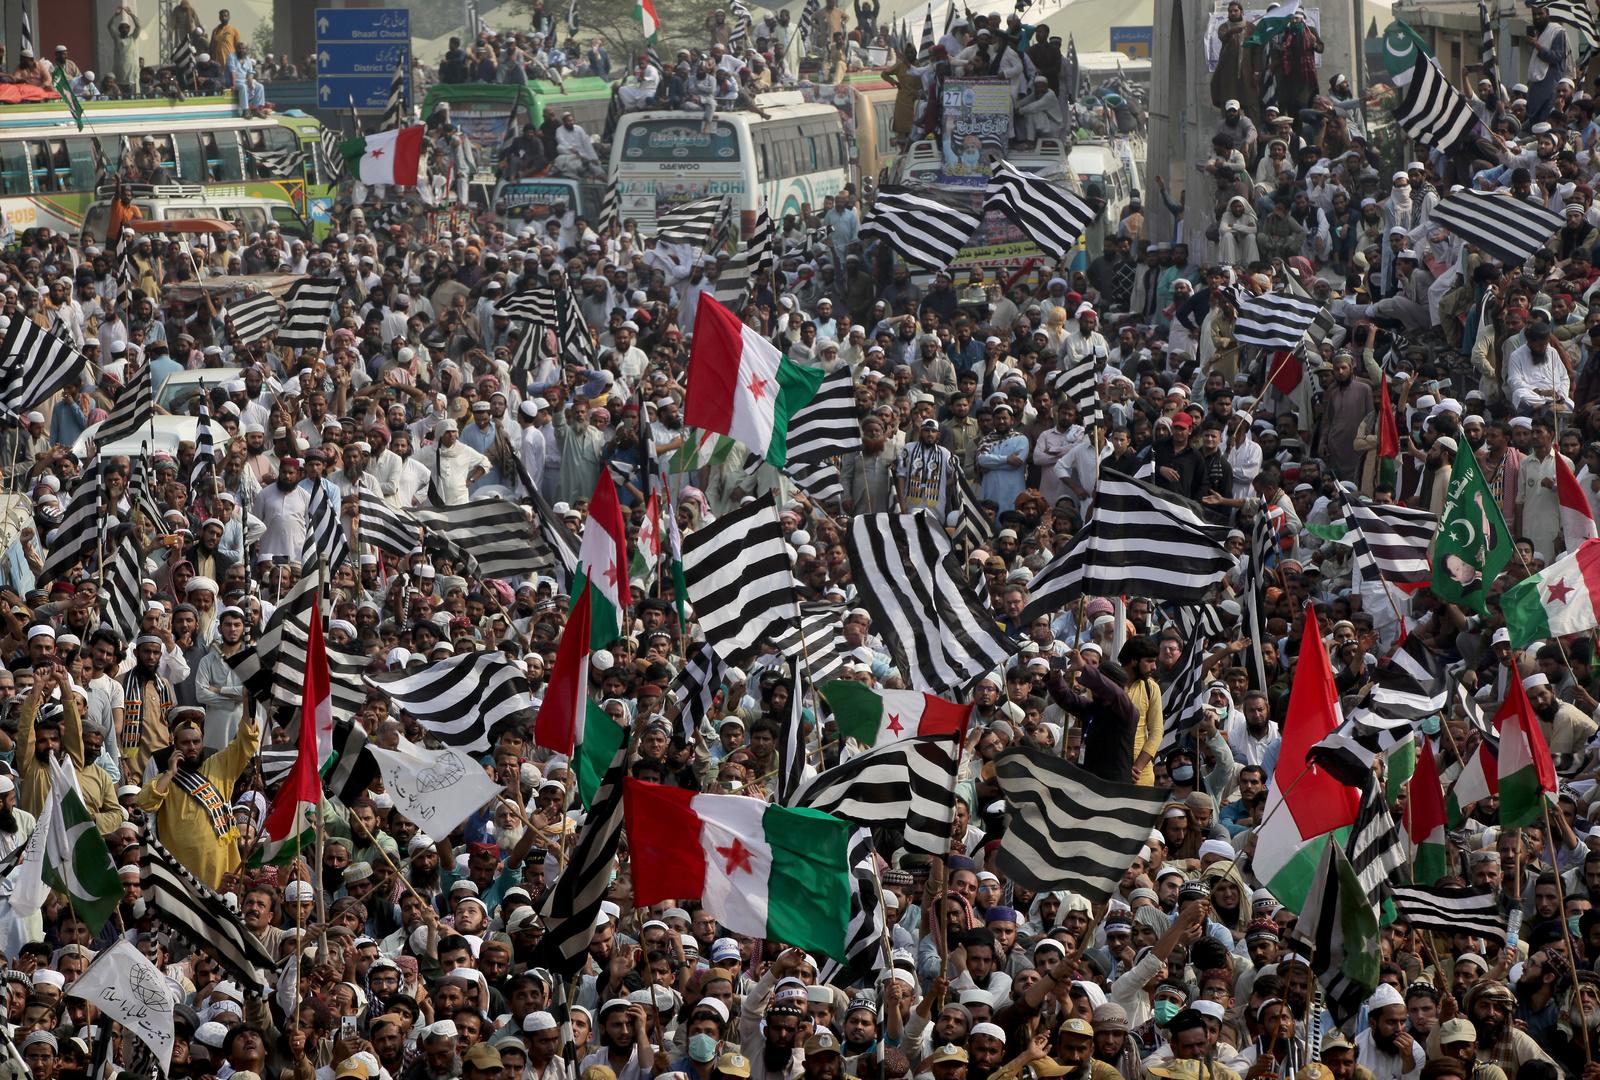 باكستان.. رجل دين يقود احتجاجات تطالب باستقالة رئيس الحكومة عمران خان